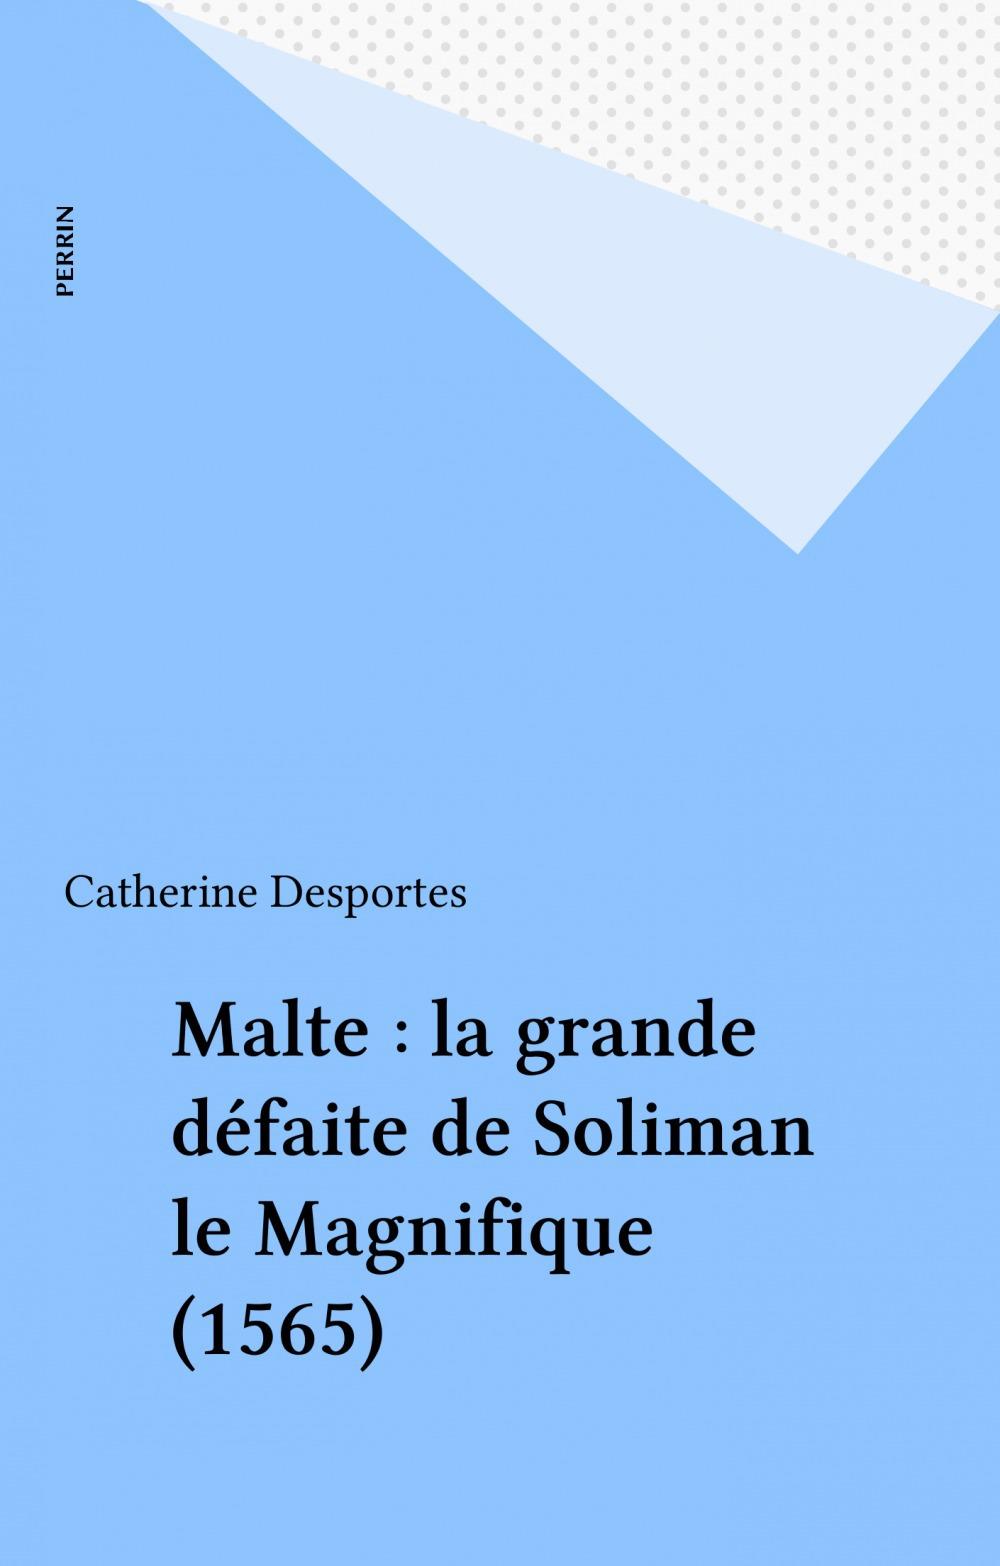 Catherine Desportes Malte : la grande défaite de Soliman le Magnifique (1565)